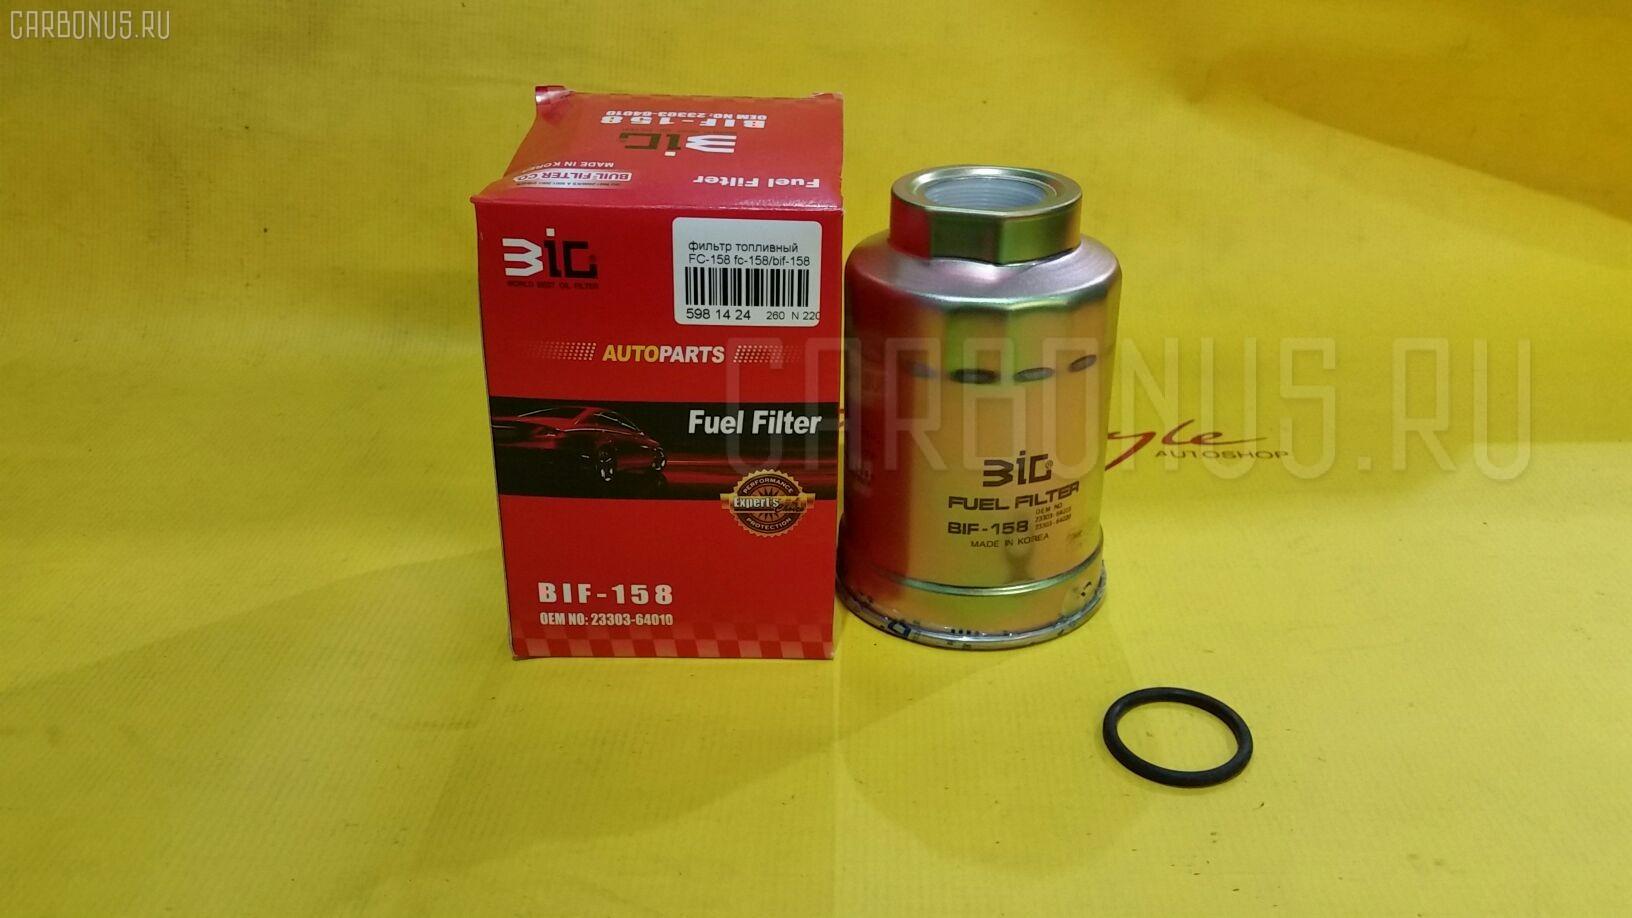 Фильтр топливный BUIL FC-158 Фото 1